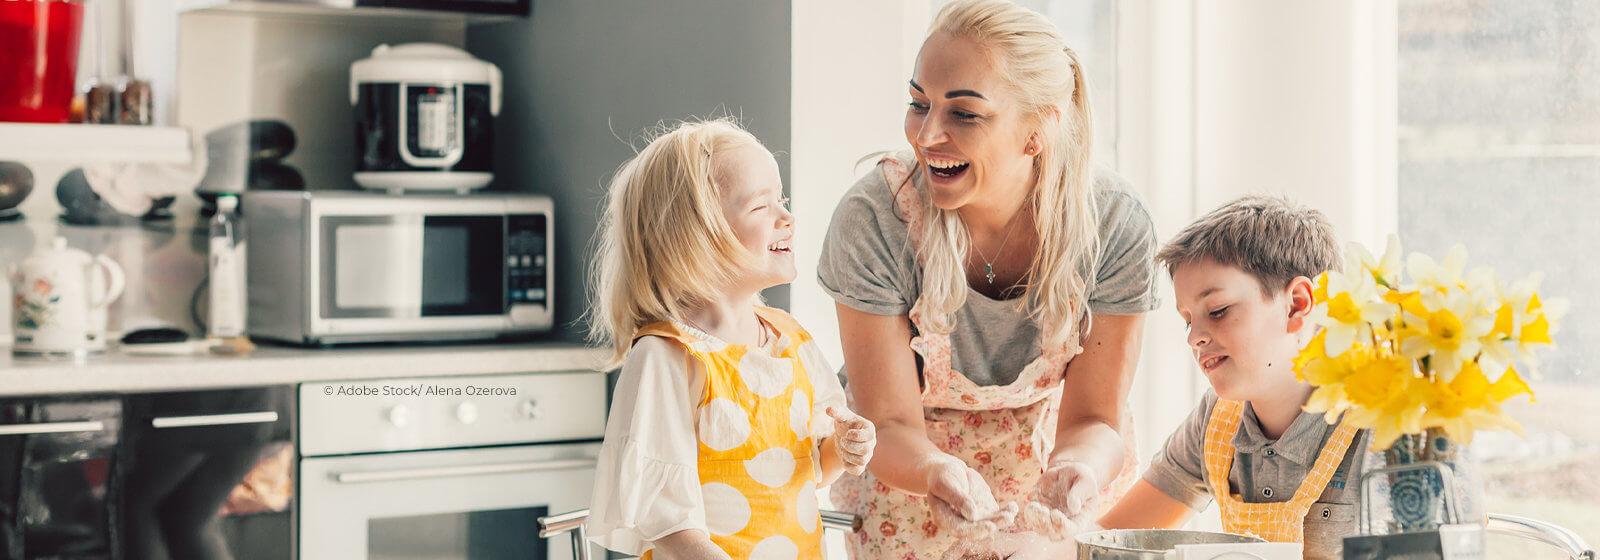 Frau mit Kindern beim gemeinsamen Kochen